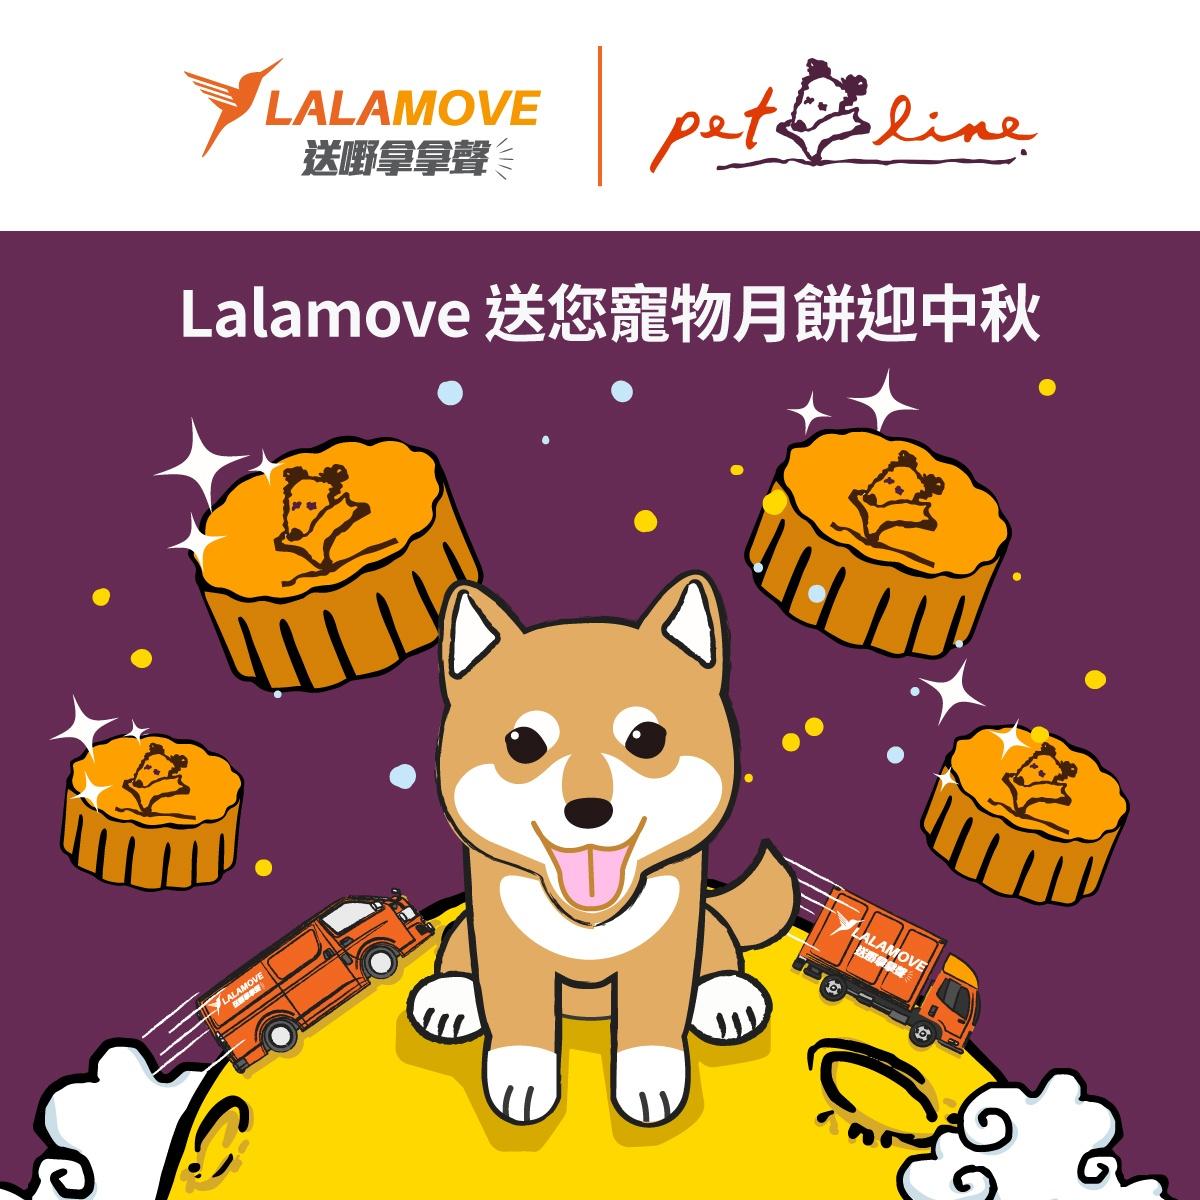 HK_LalamovePetline_2018-01